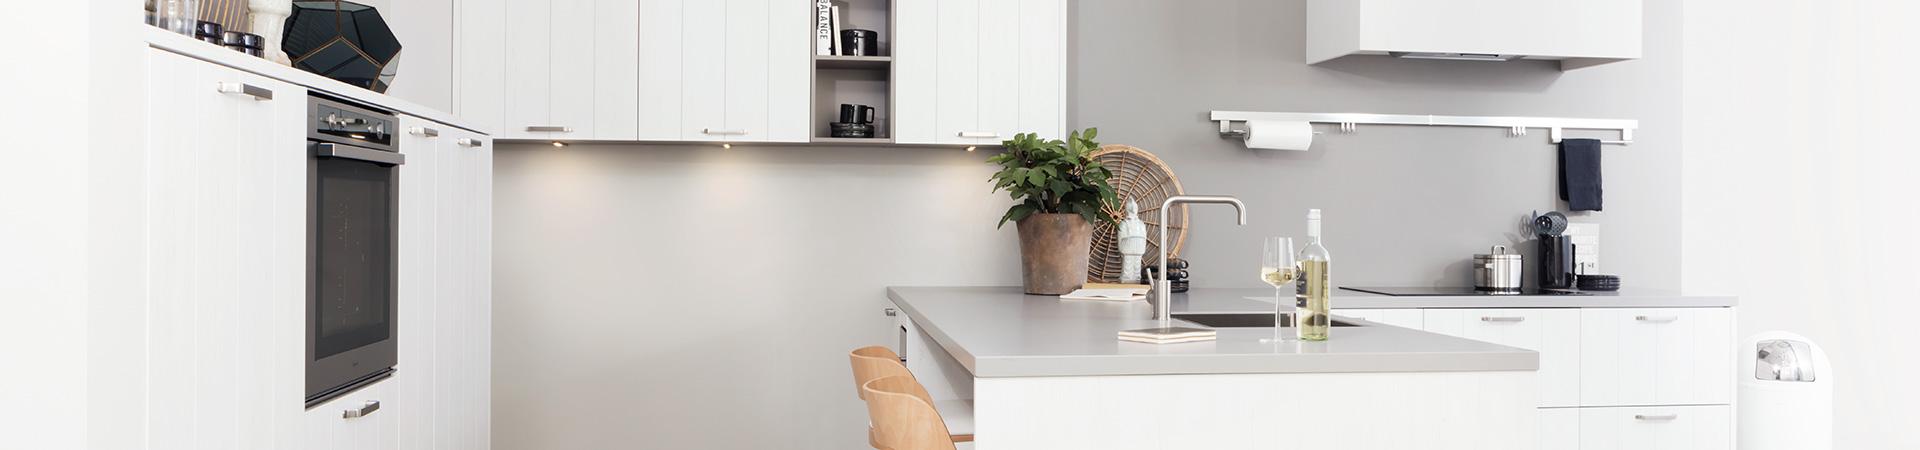 Maak uw keuken praktischer